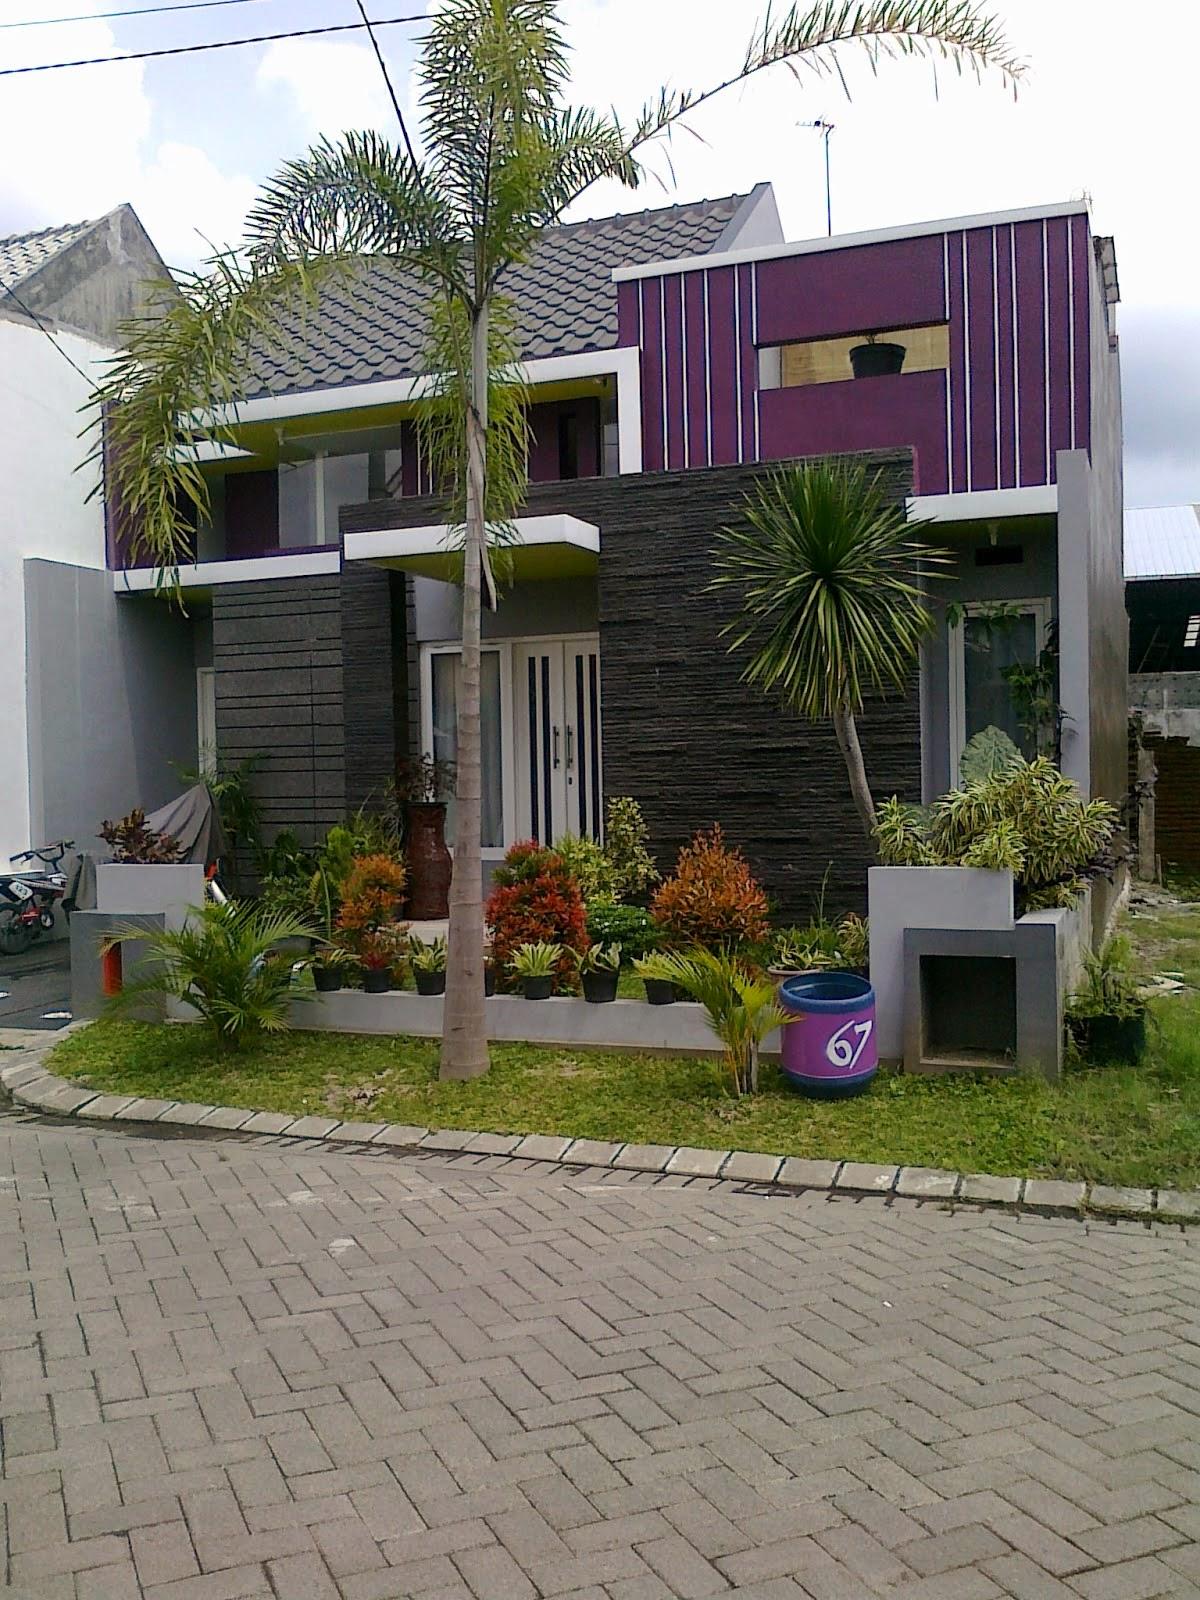 Gambar Pagar Rumah Cluster | Desain Rumah on